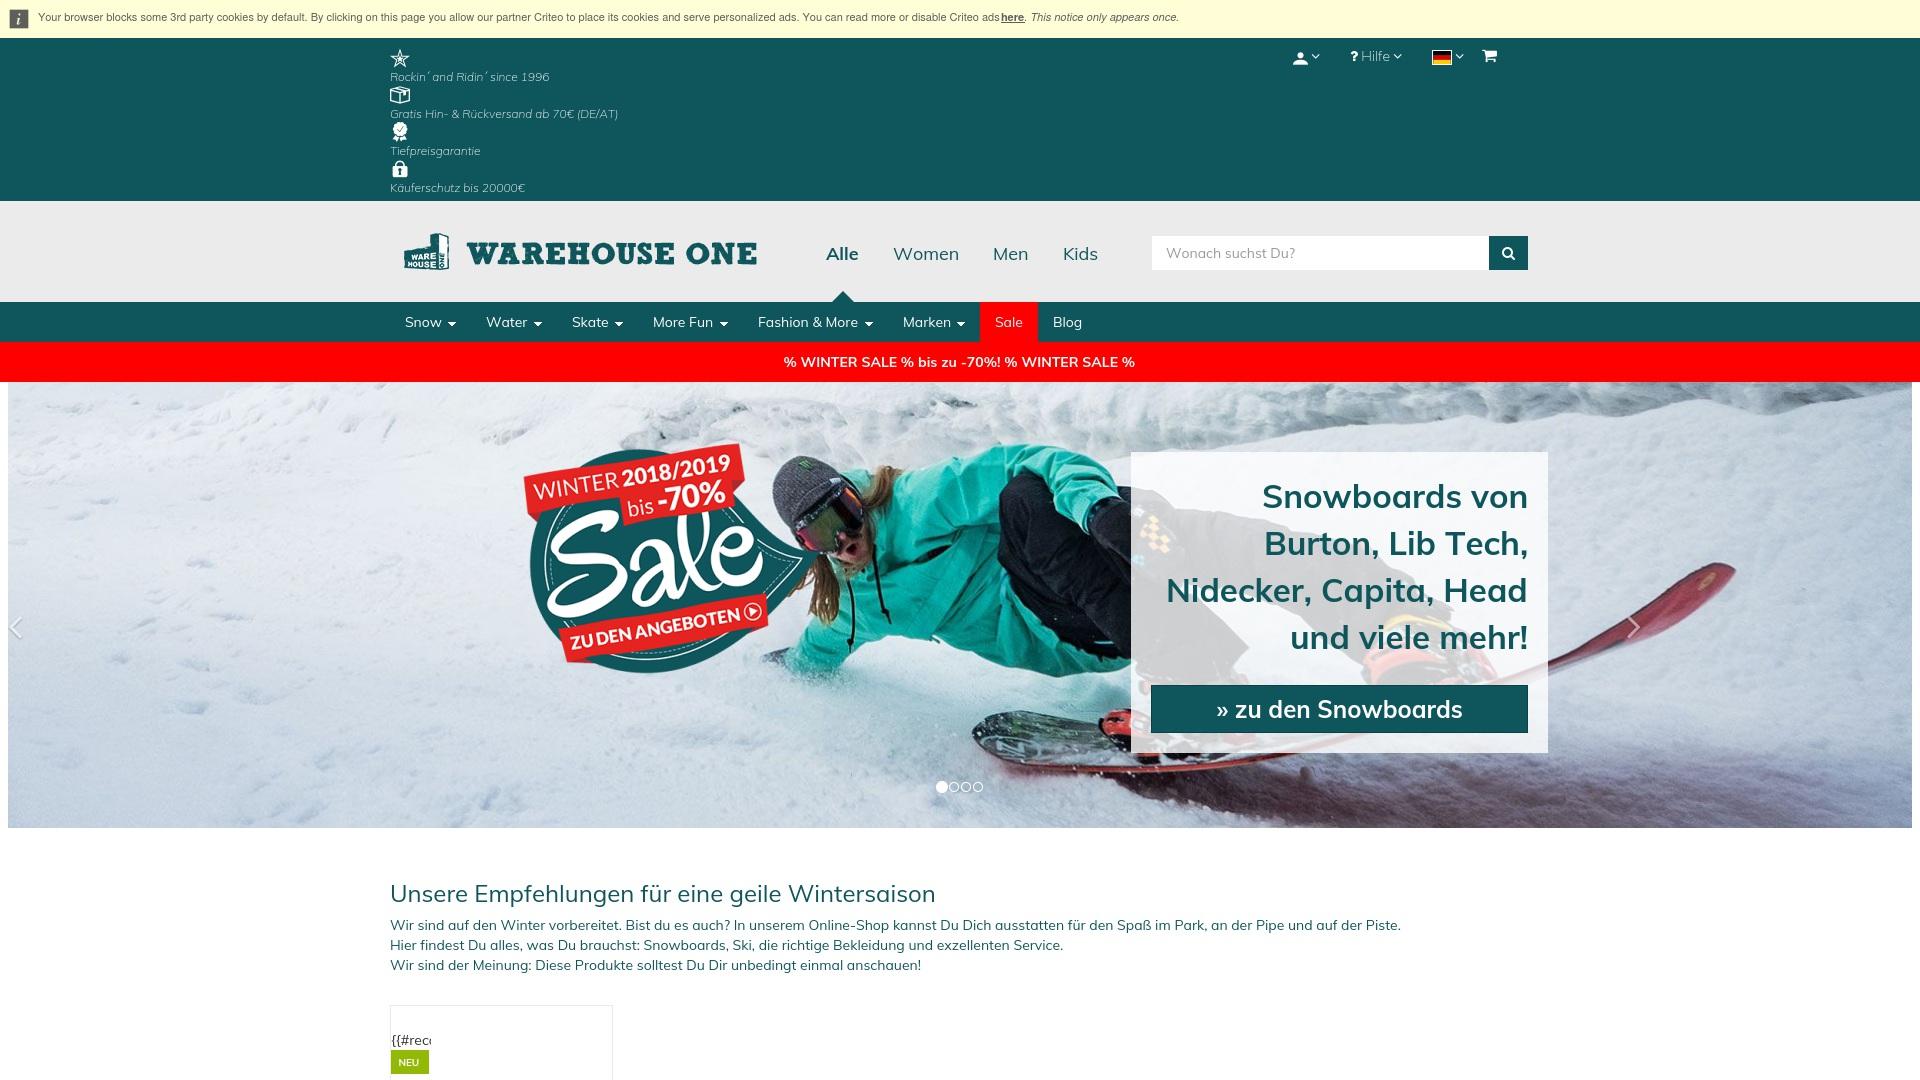 Gutschein für Warehouse-one: Rabatte für  Warehouse-one sichern